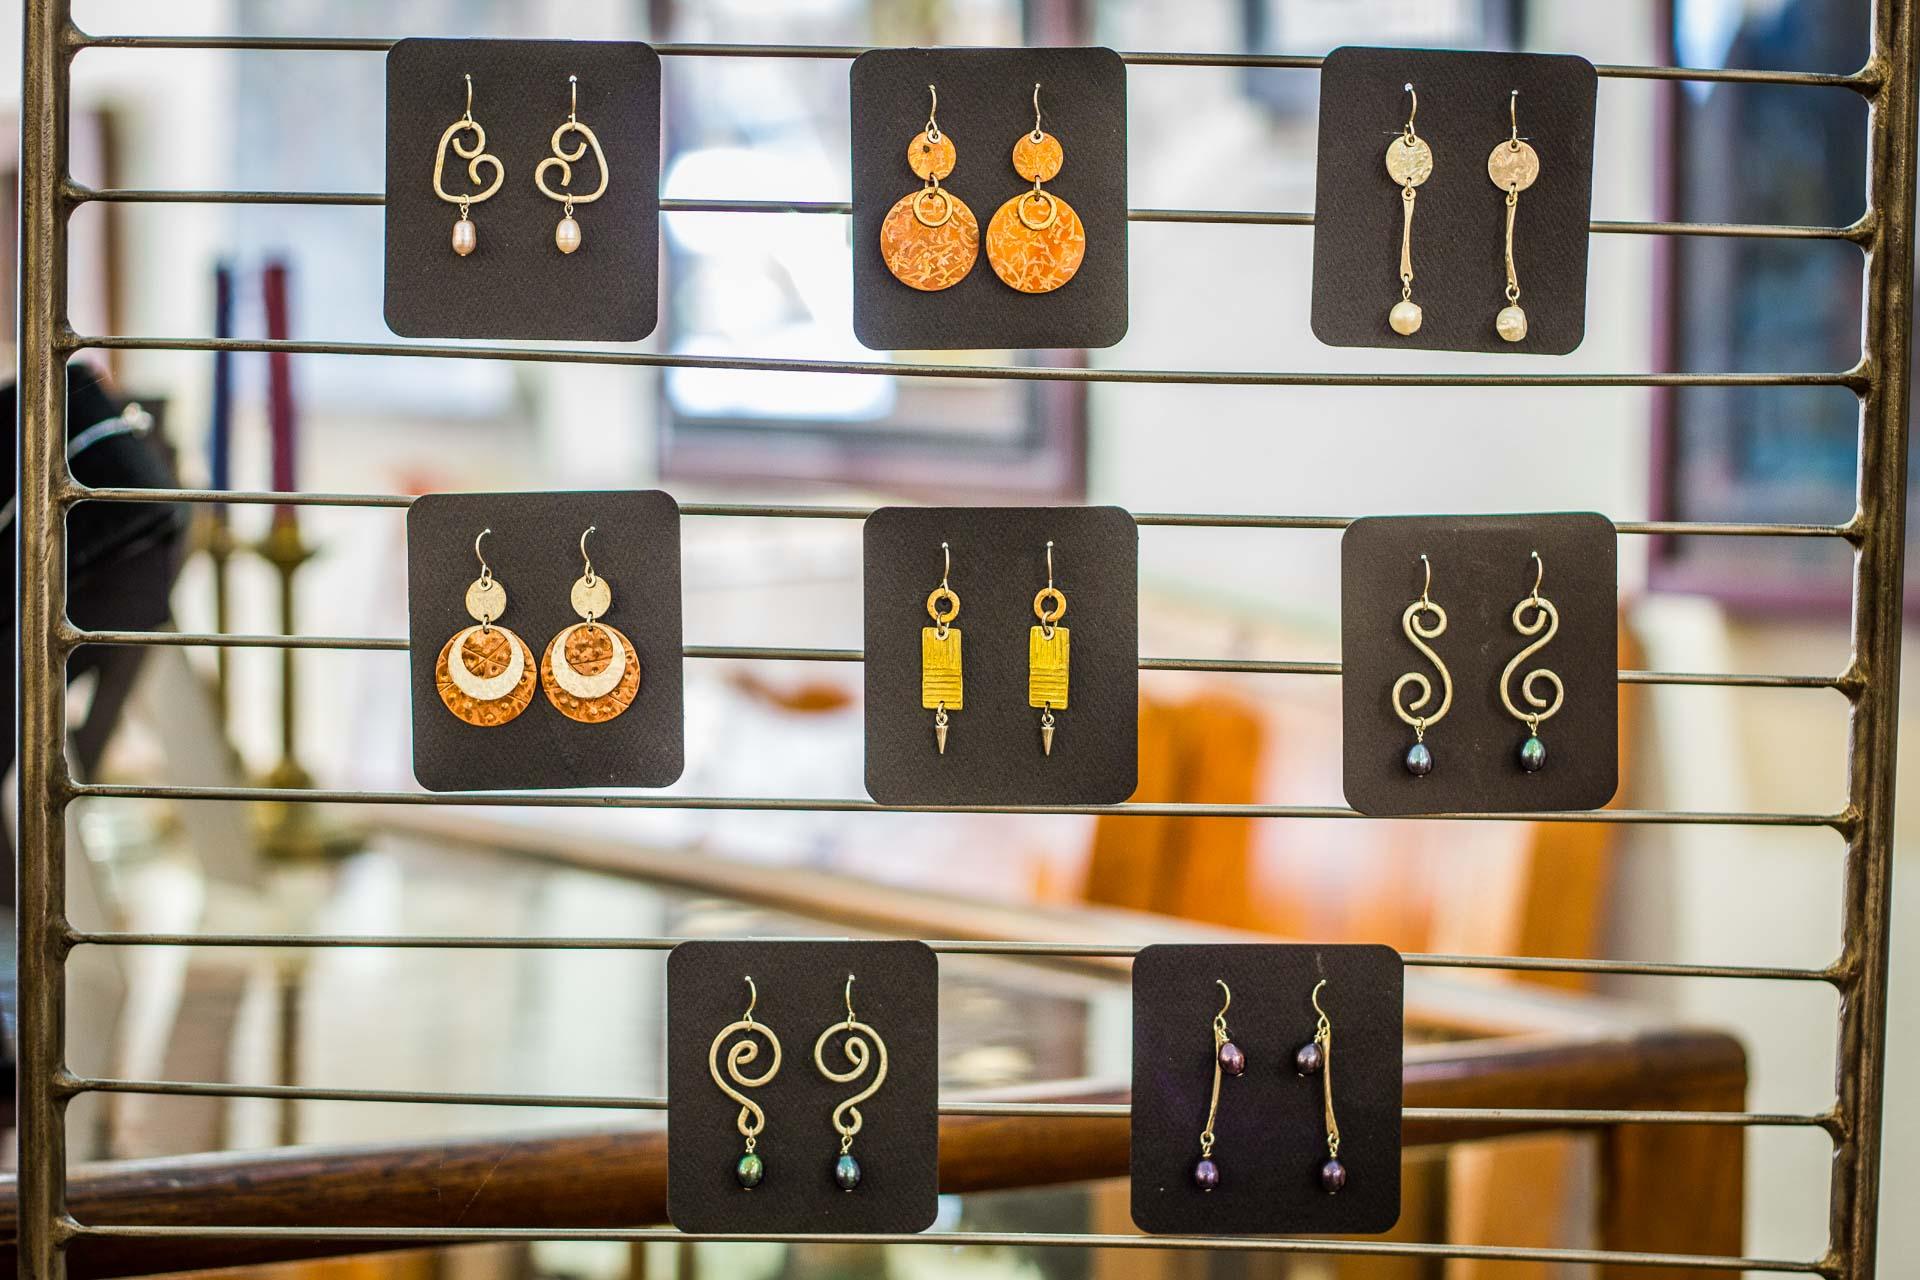 Earrings by Susie Hettleman